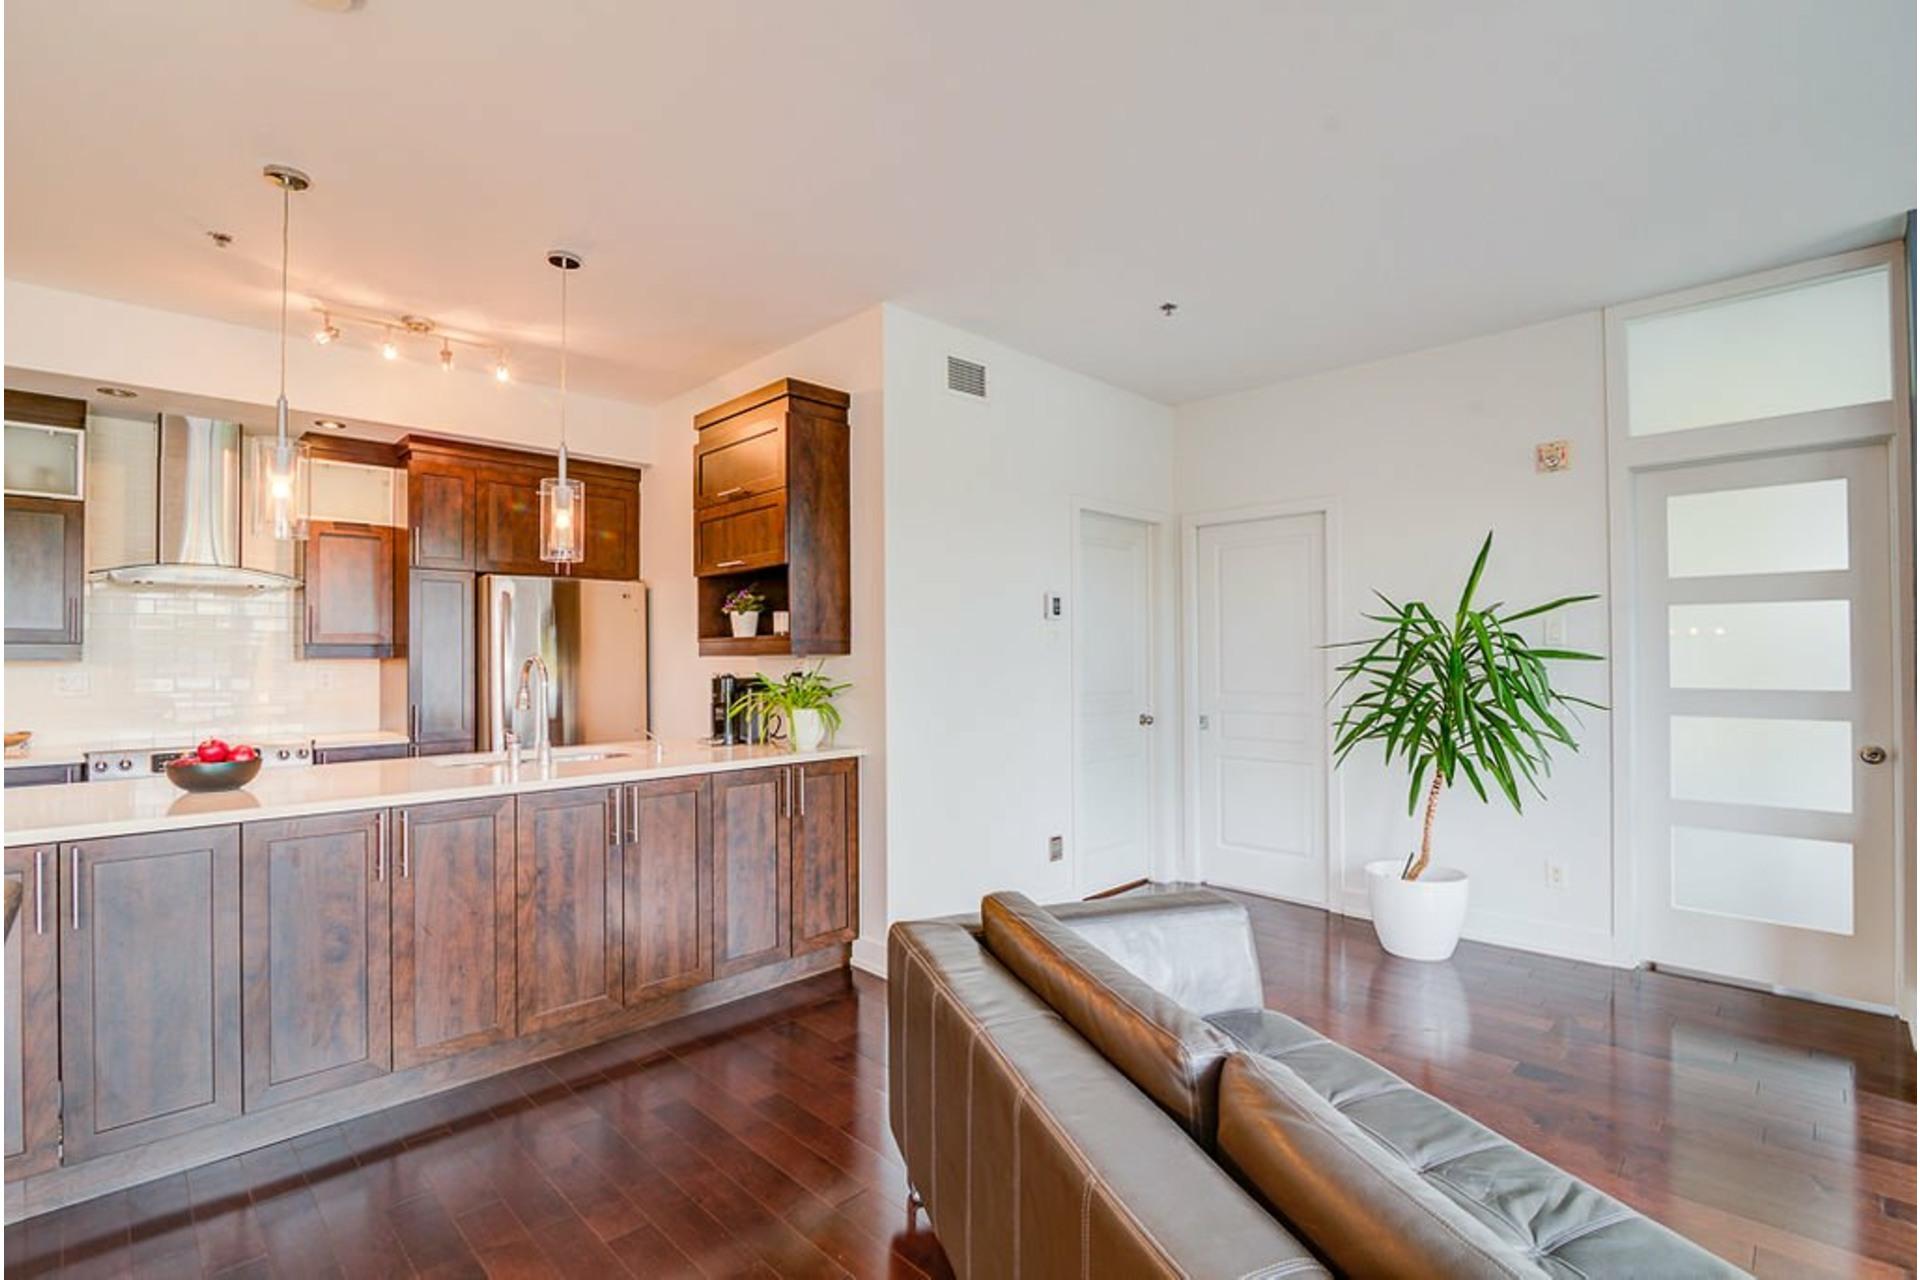 image 10 - Appartement À vendre Villeray/Saint-Michel/Parc-Extension Montréal  - 6 pièces